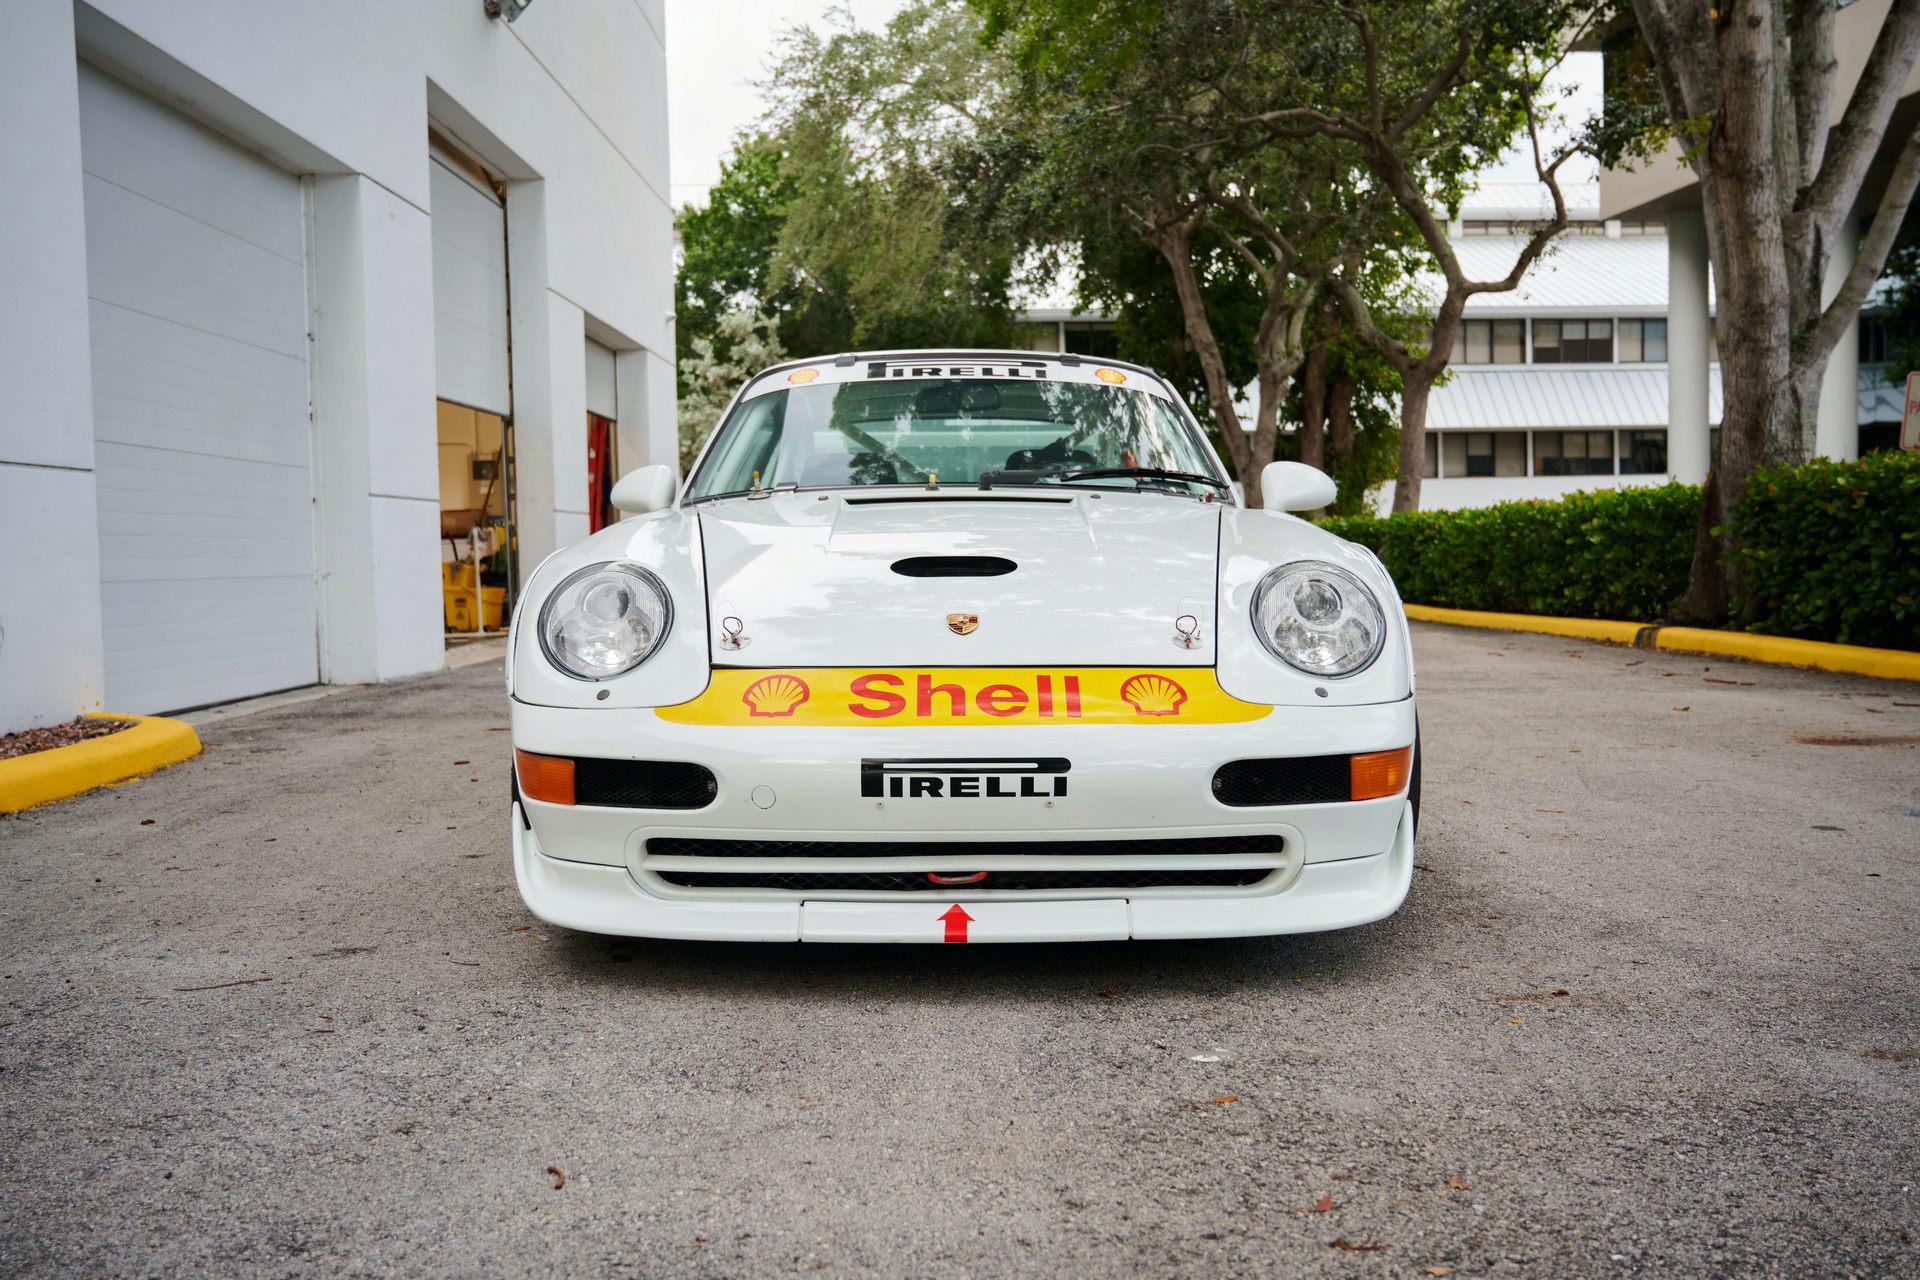 Porsche-911-3.8-Cup-1